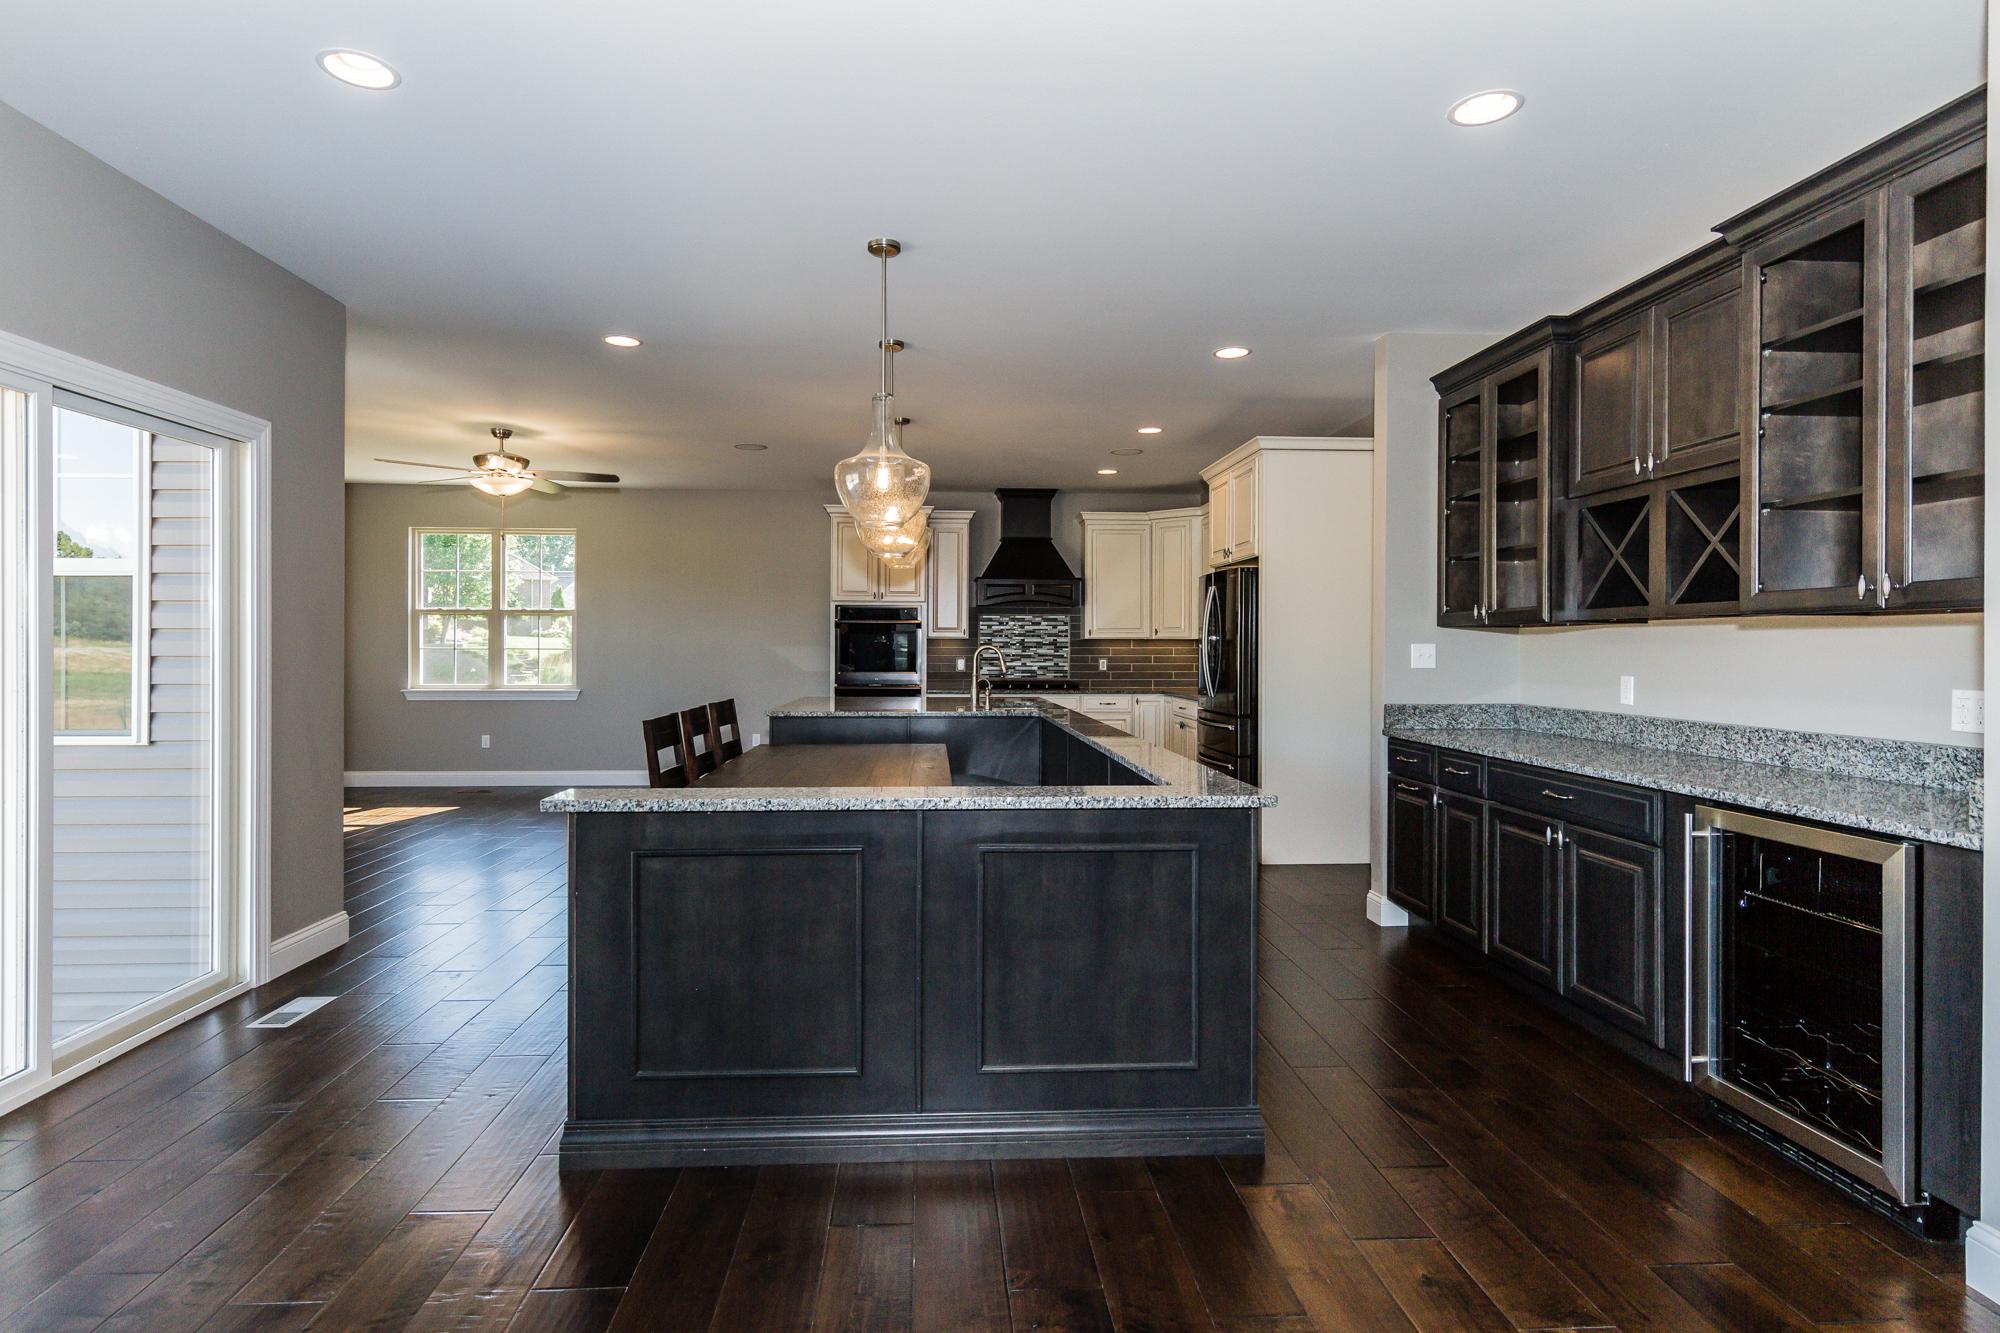 New-Construction-For-Sale-O'Fallon-Illinois-CR-Holland-0-29.jpg